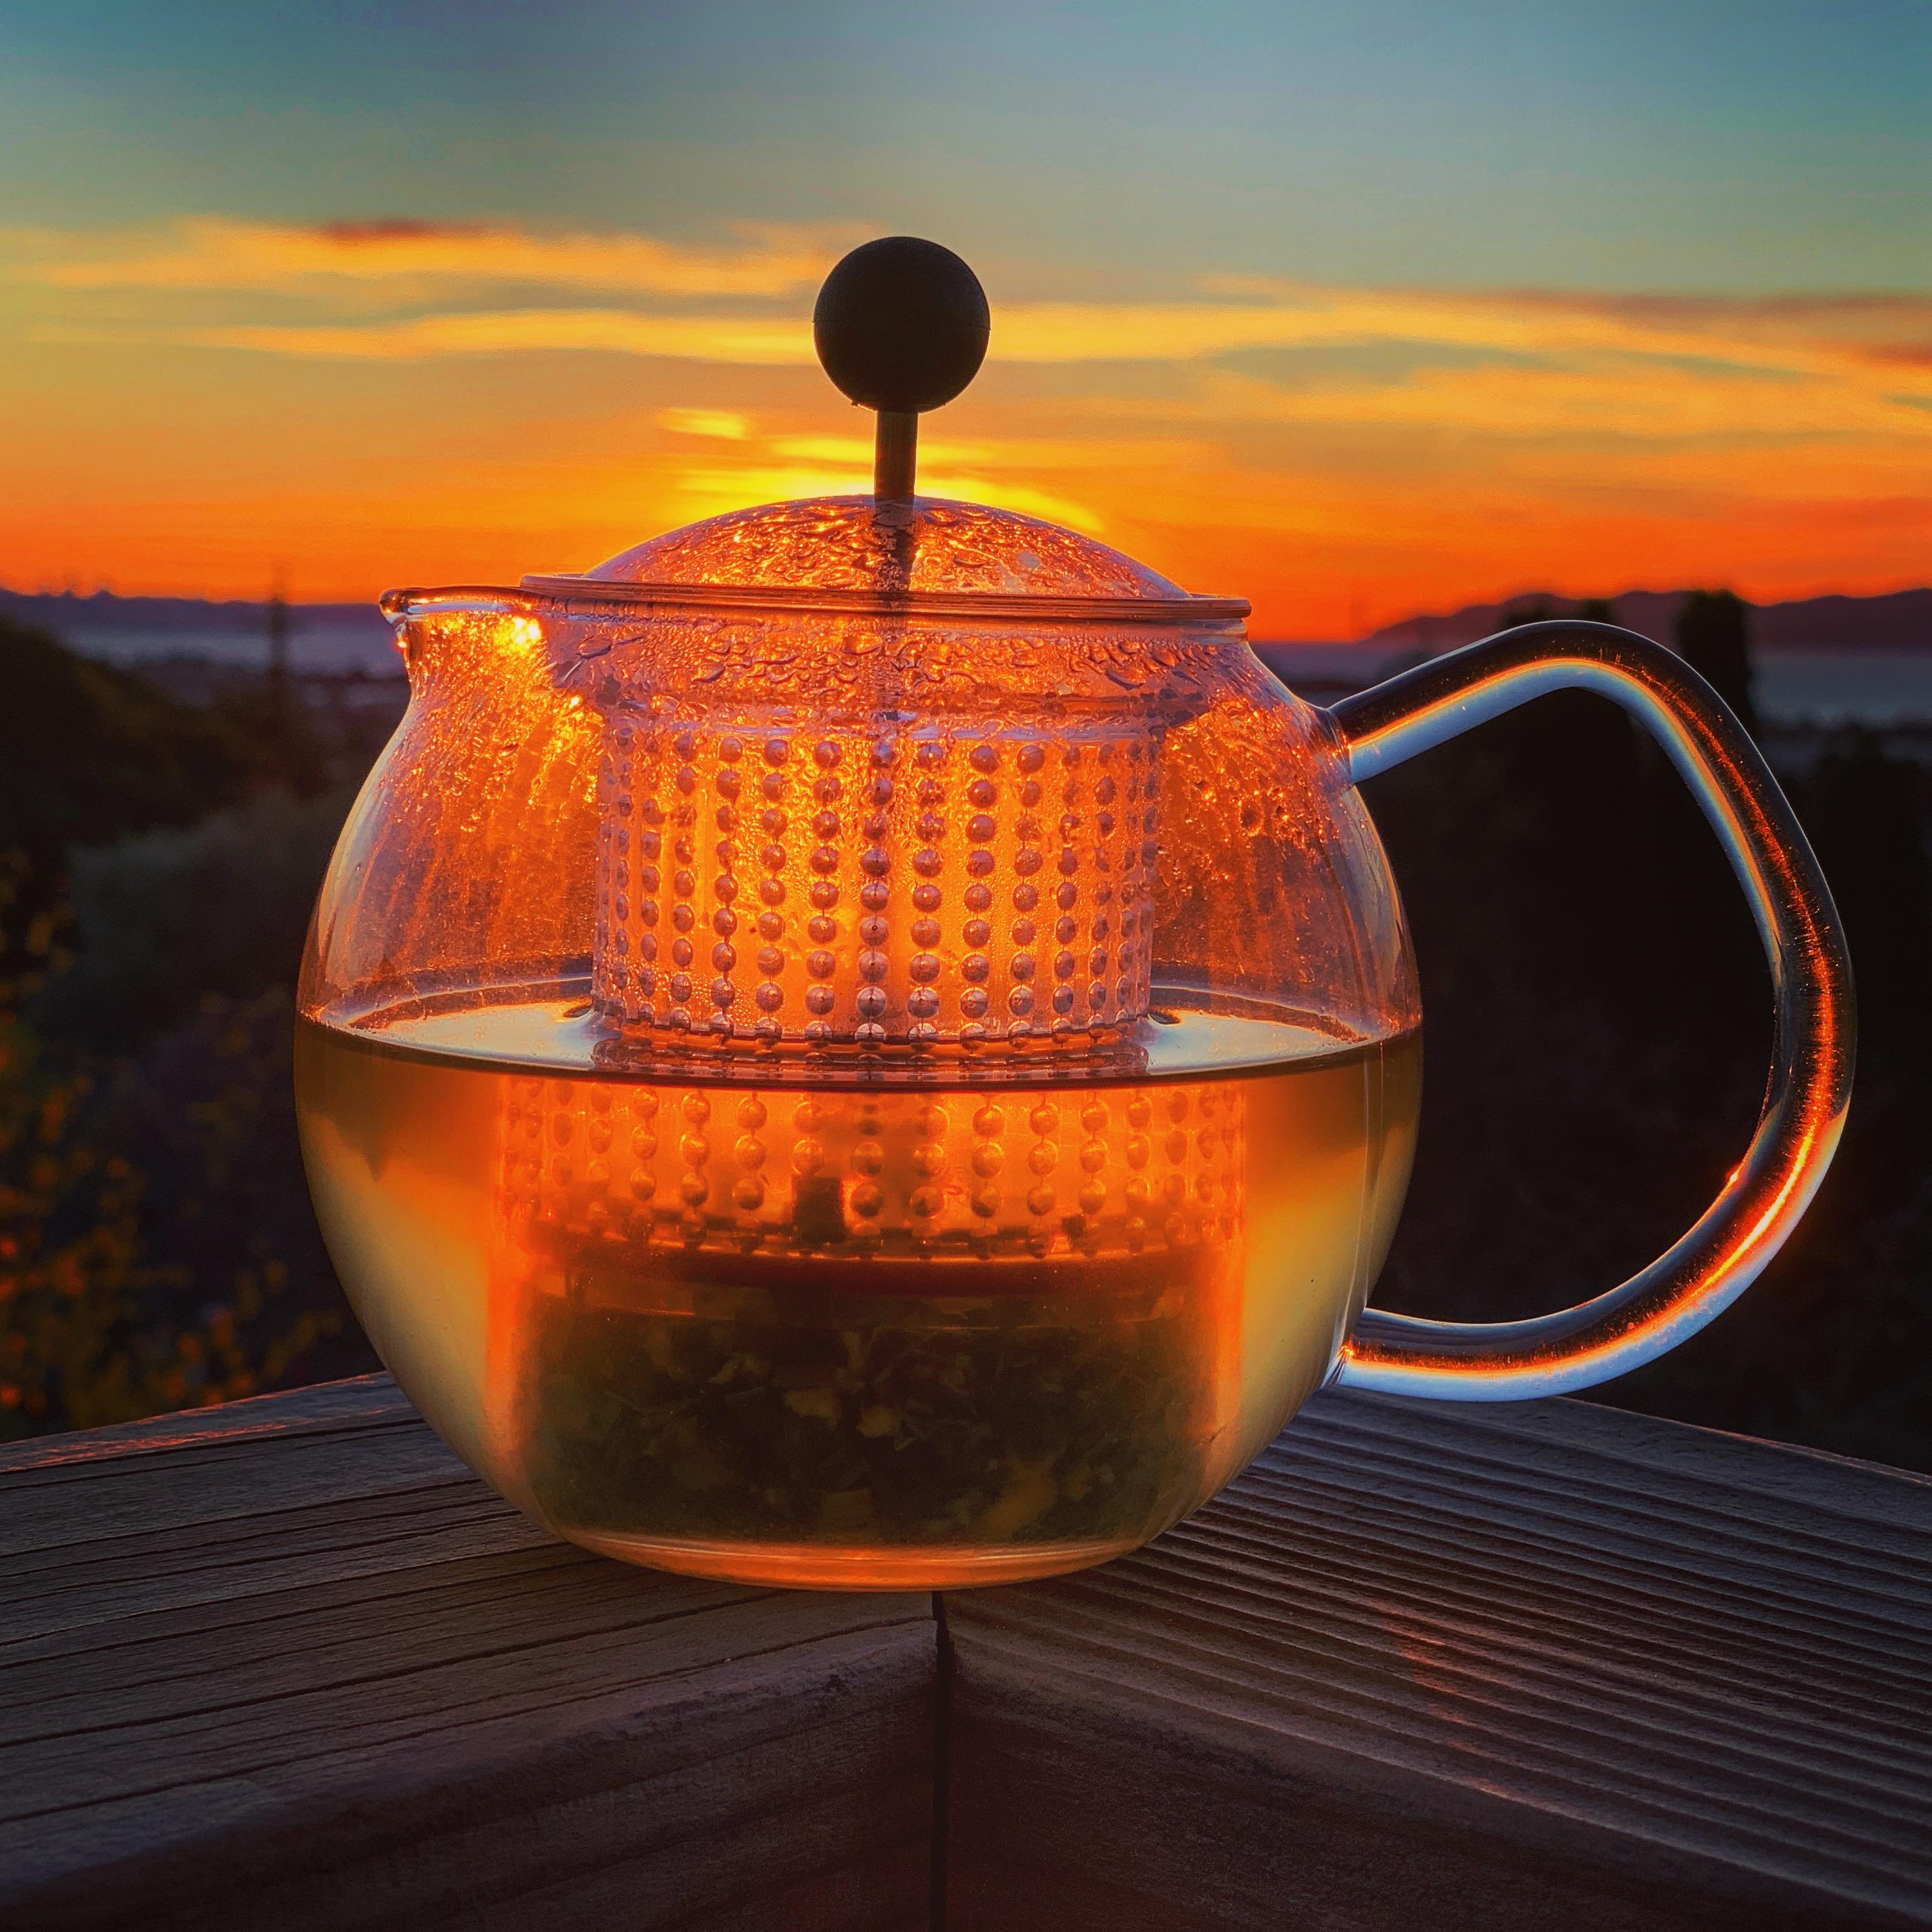 Sunset Tea Meditation